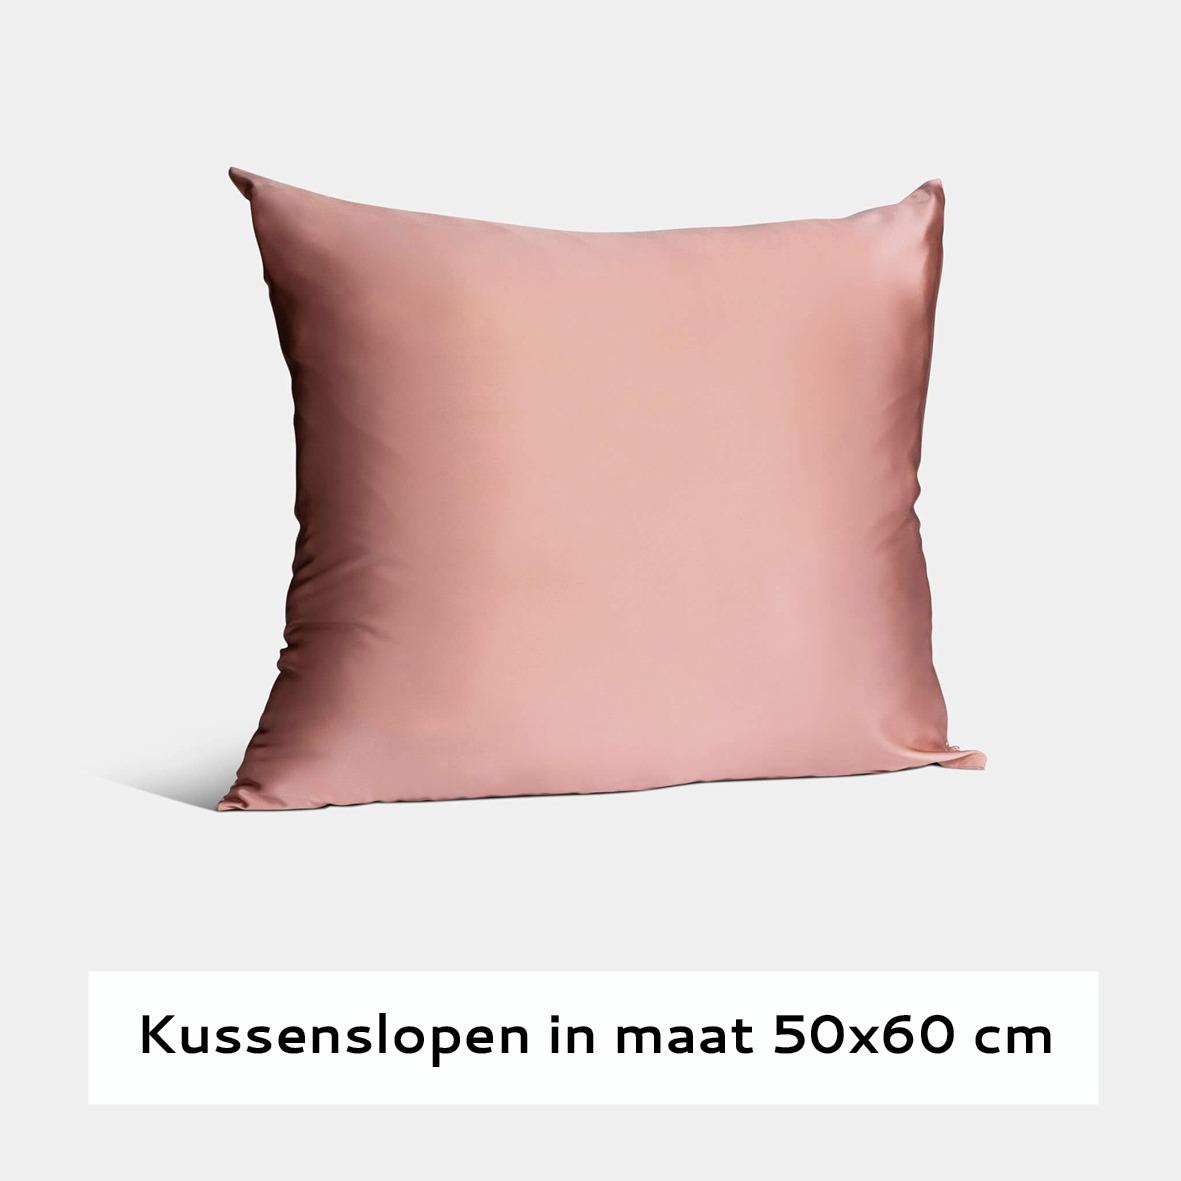 50x60 kussensloop